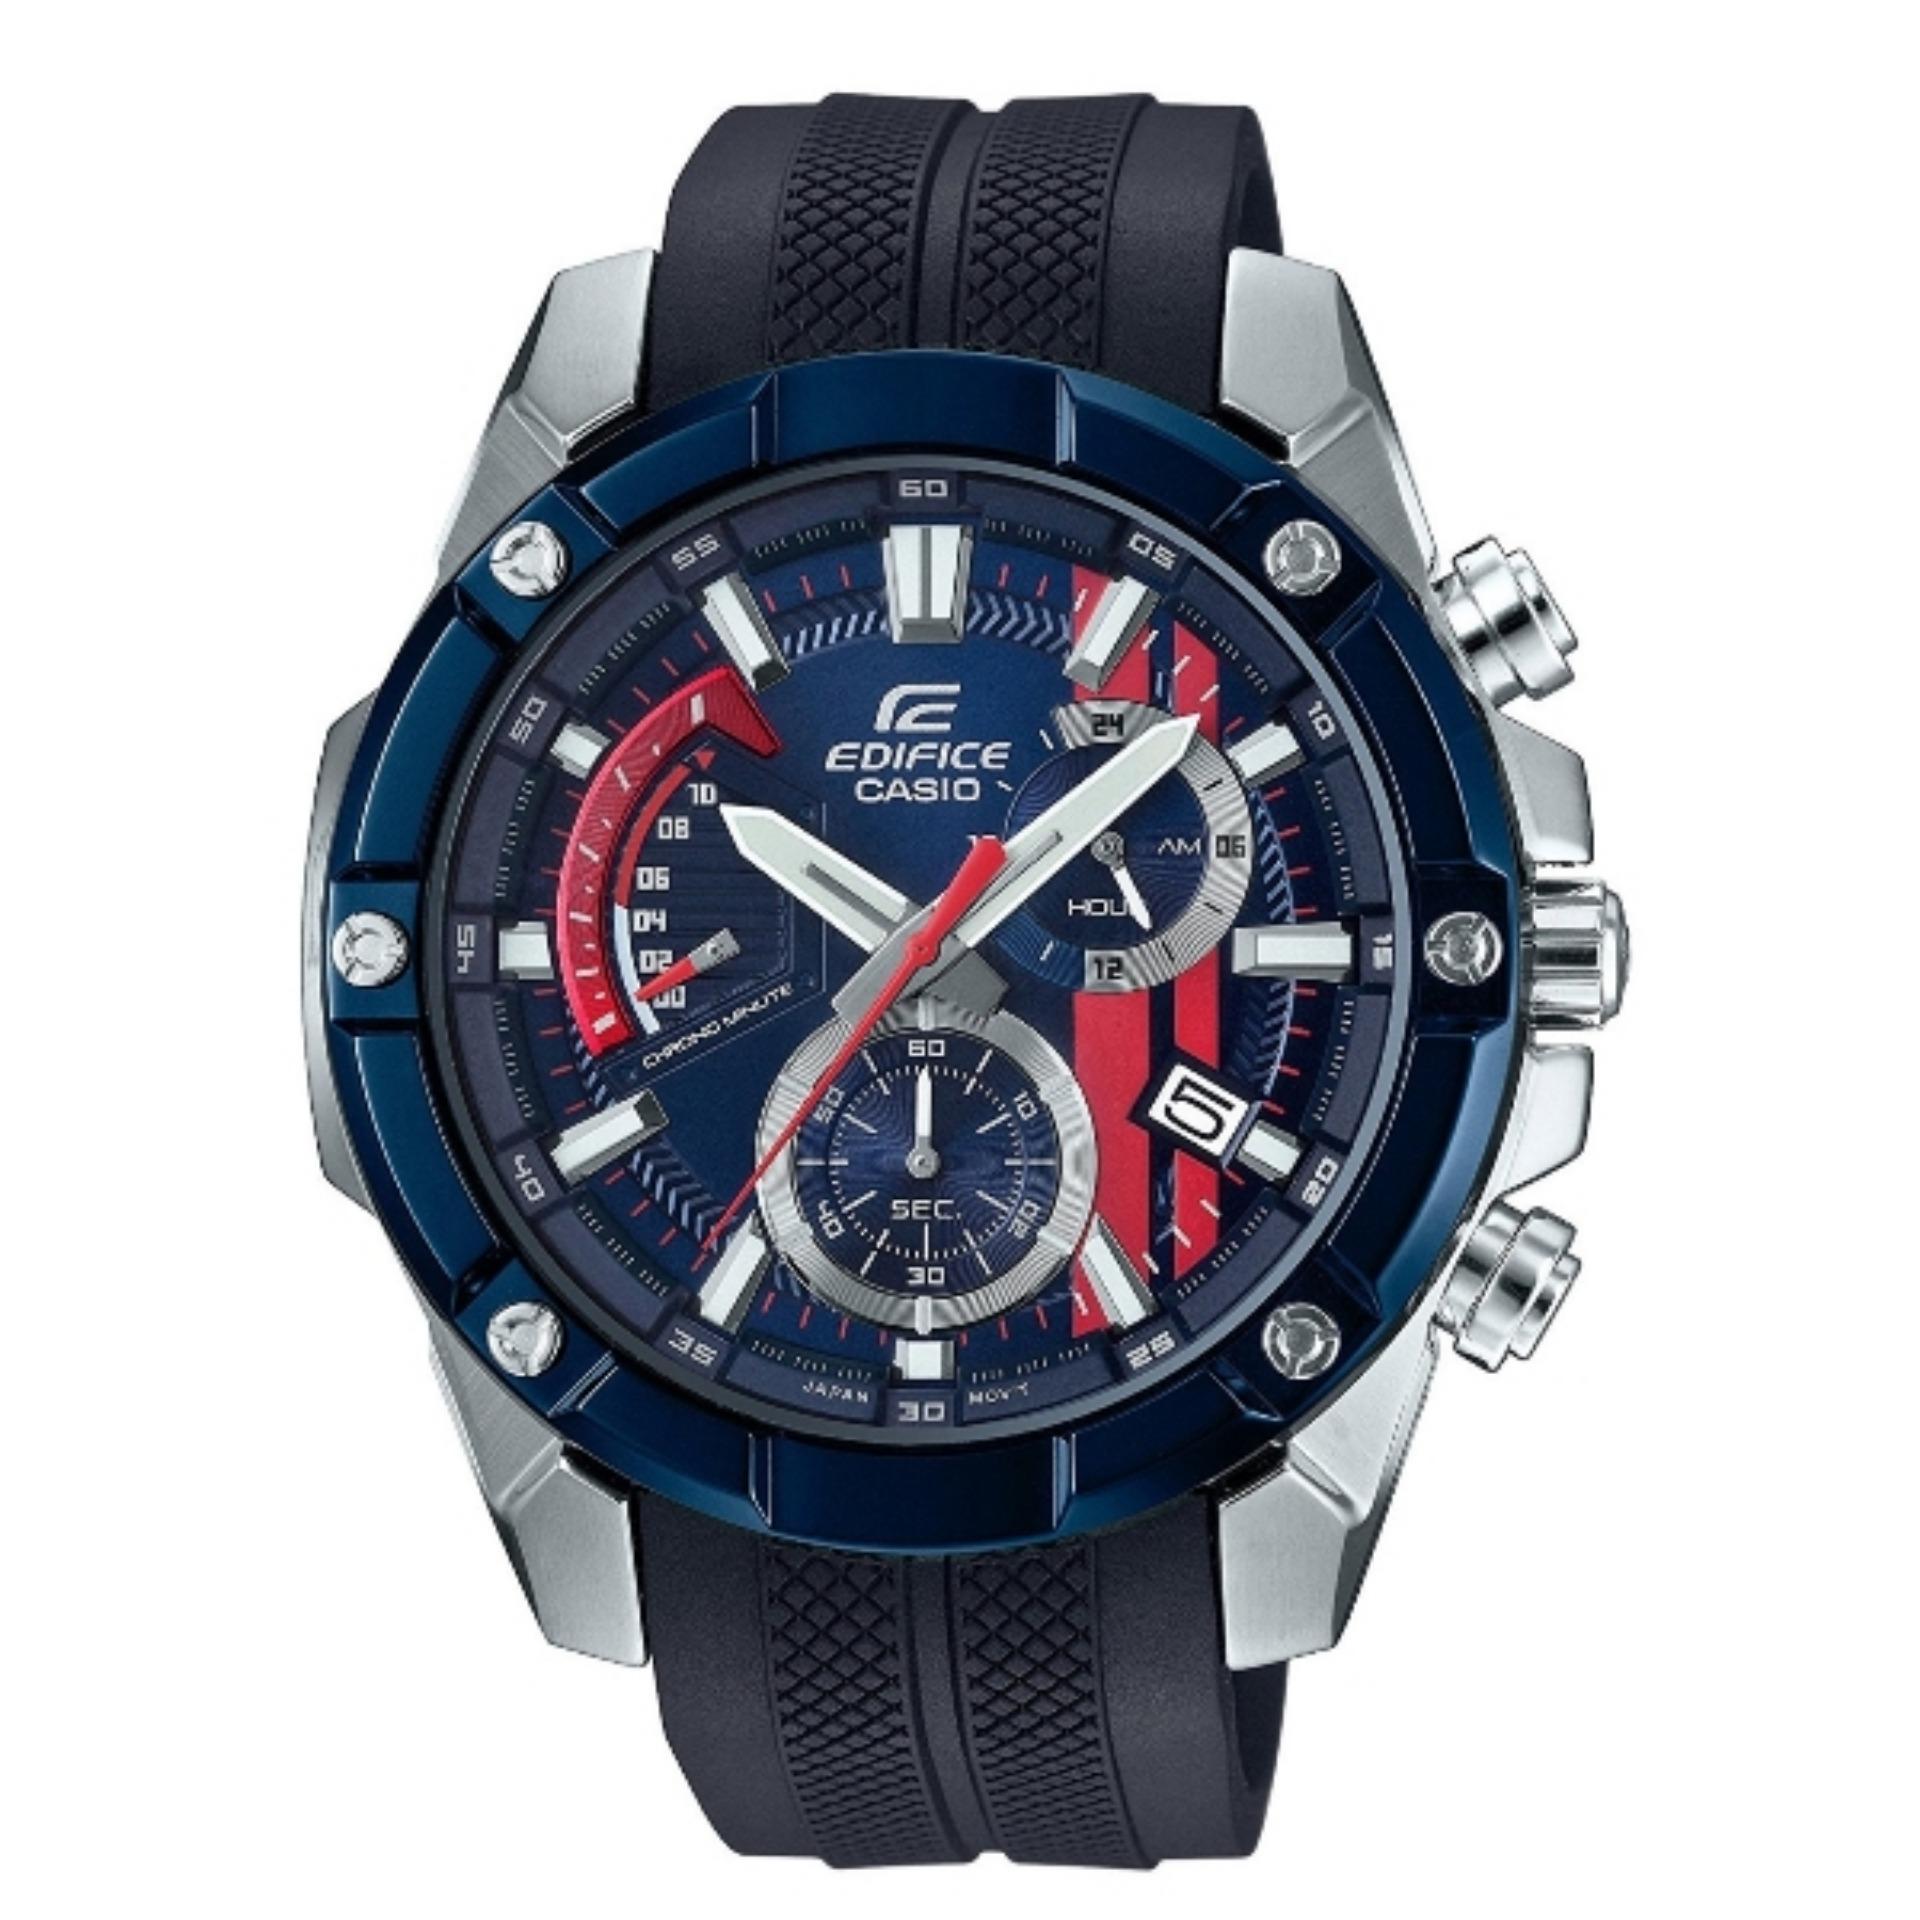 Casio Edifice EFR-559TRP-2AJR SCUDERIA TORO ROSSO Blue Bezel Watch EFR-559TRP-2A